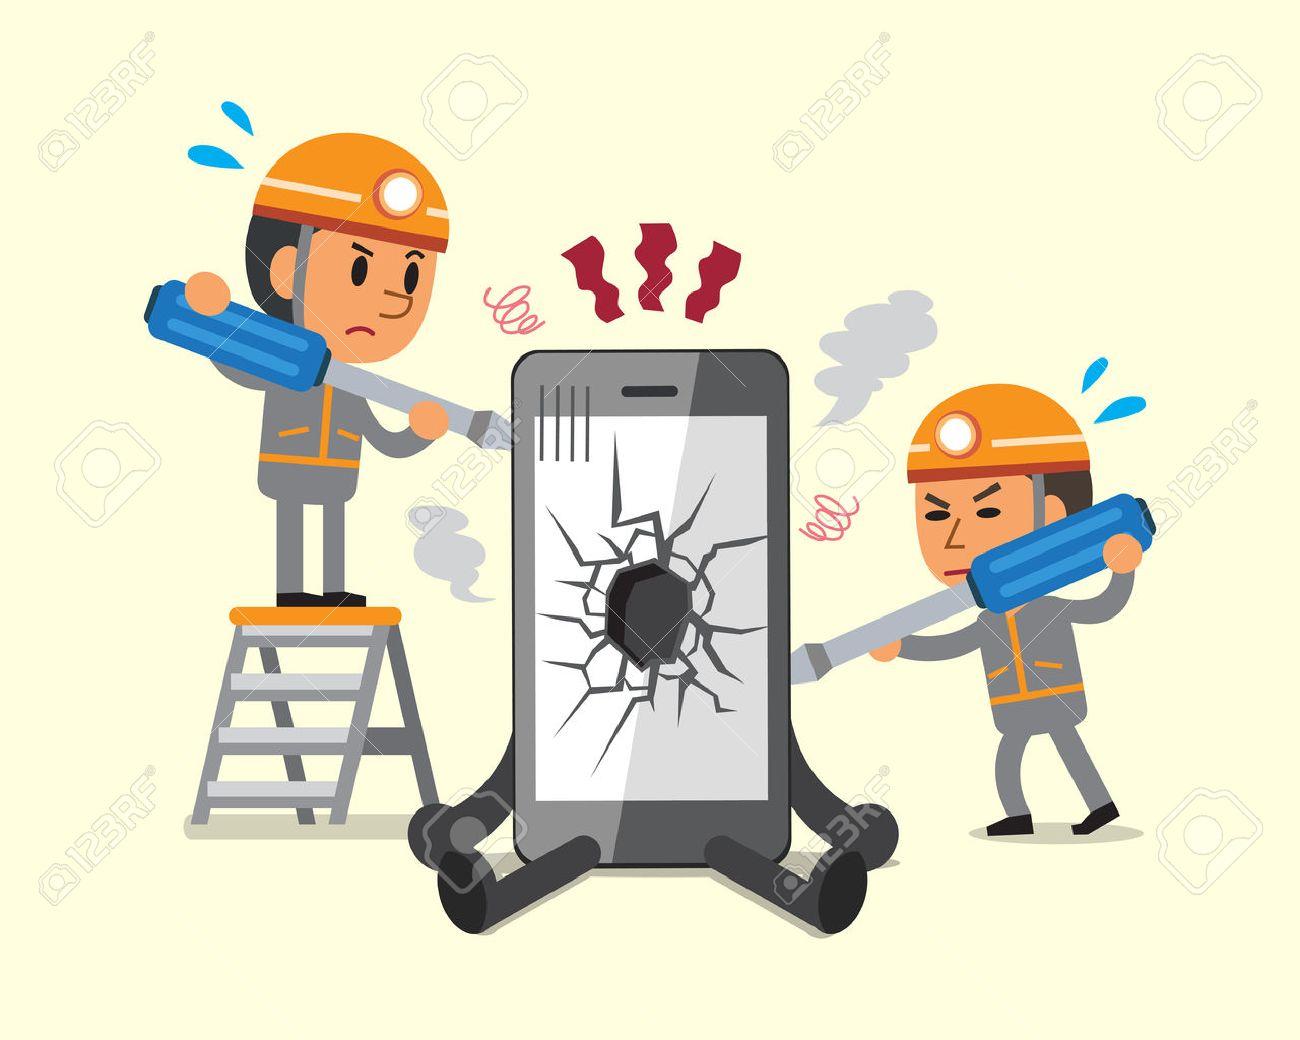 Cartoon technicians repairing smartphone broken smartphone - 54640665